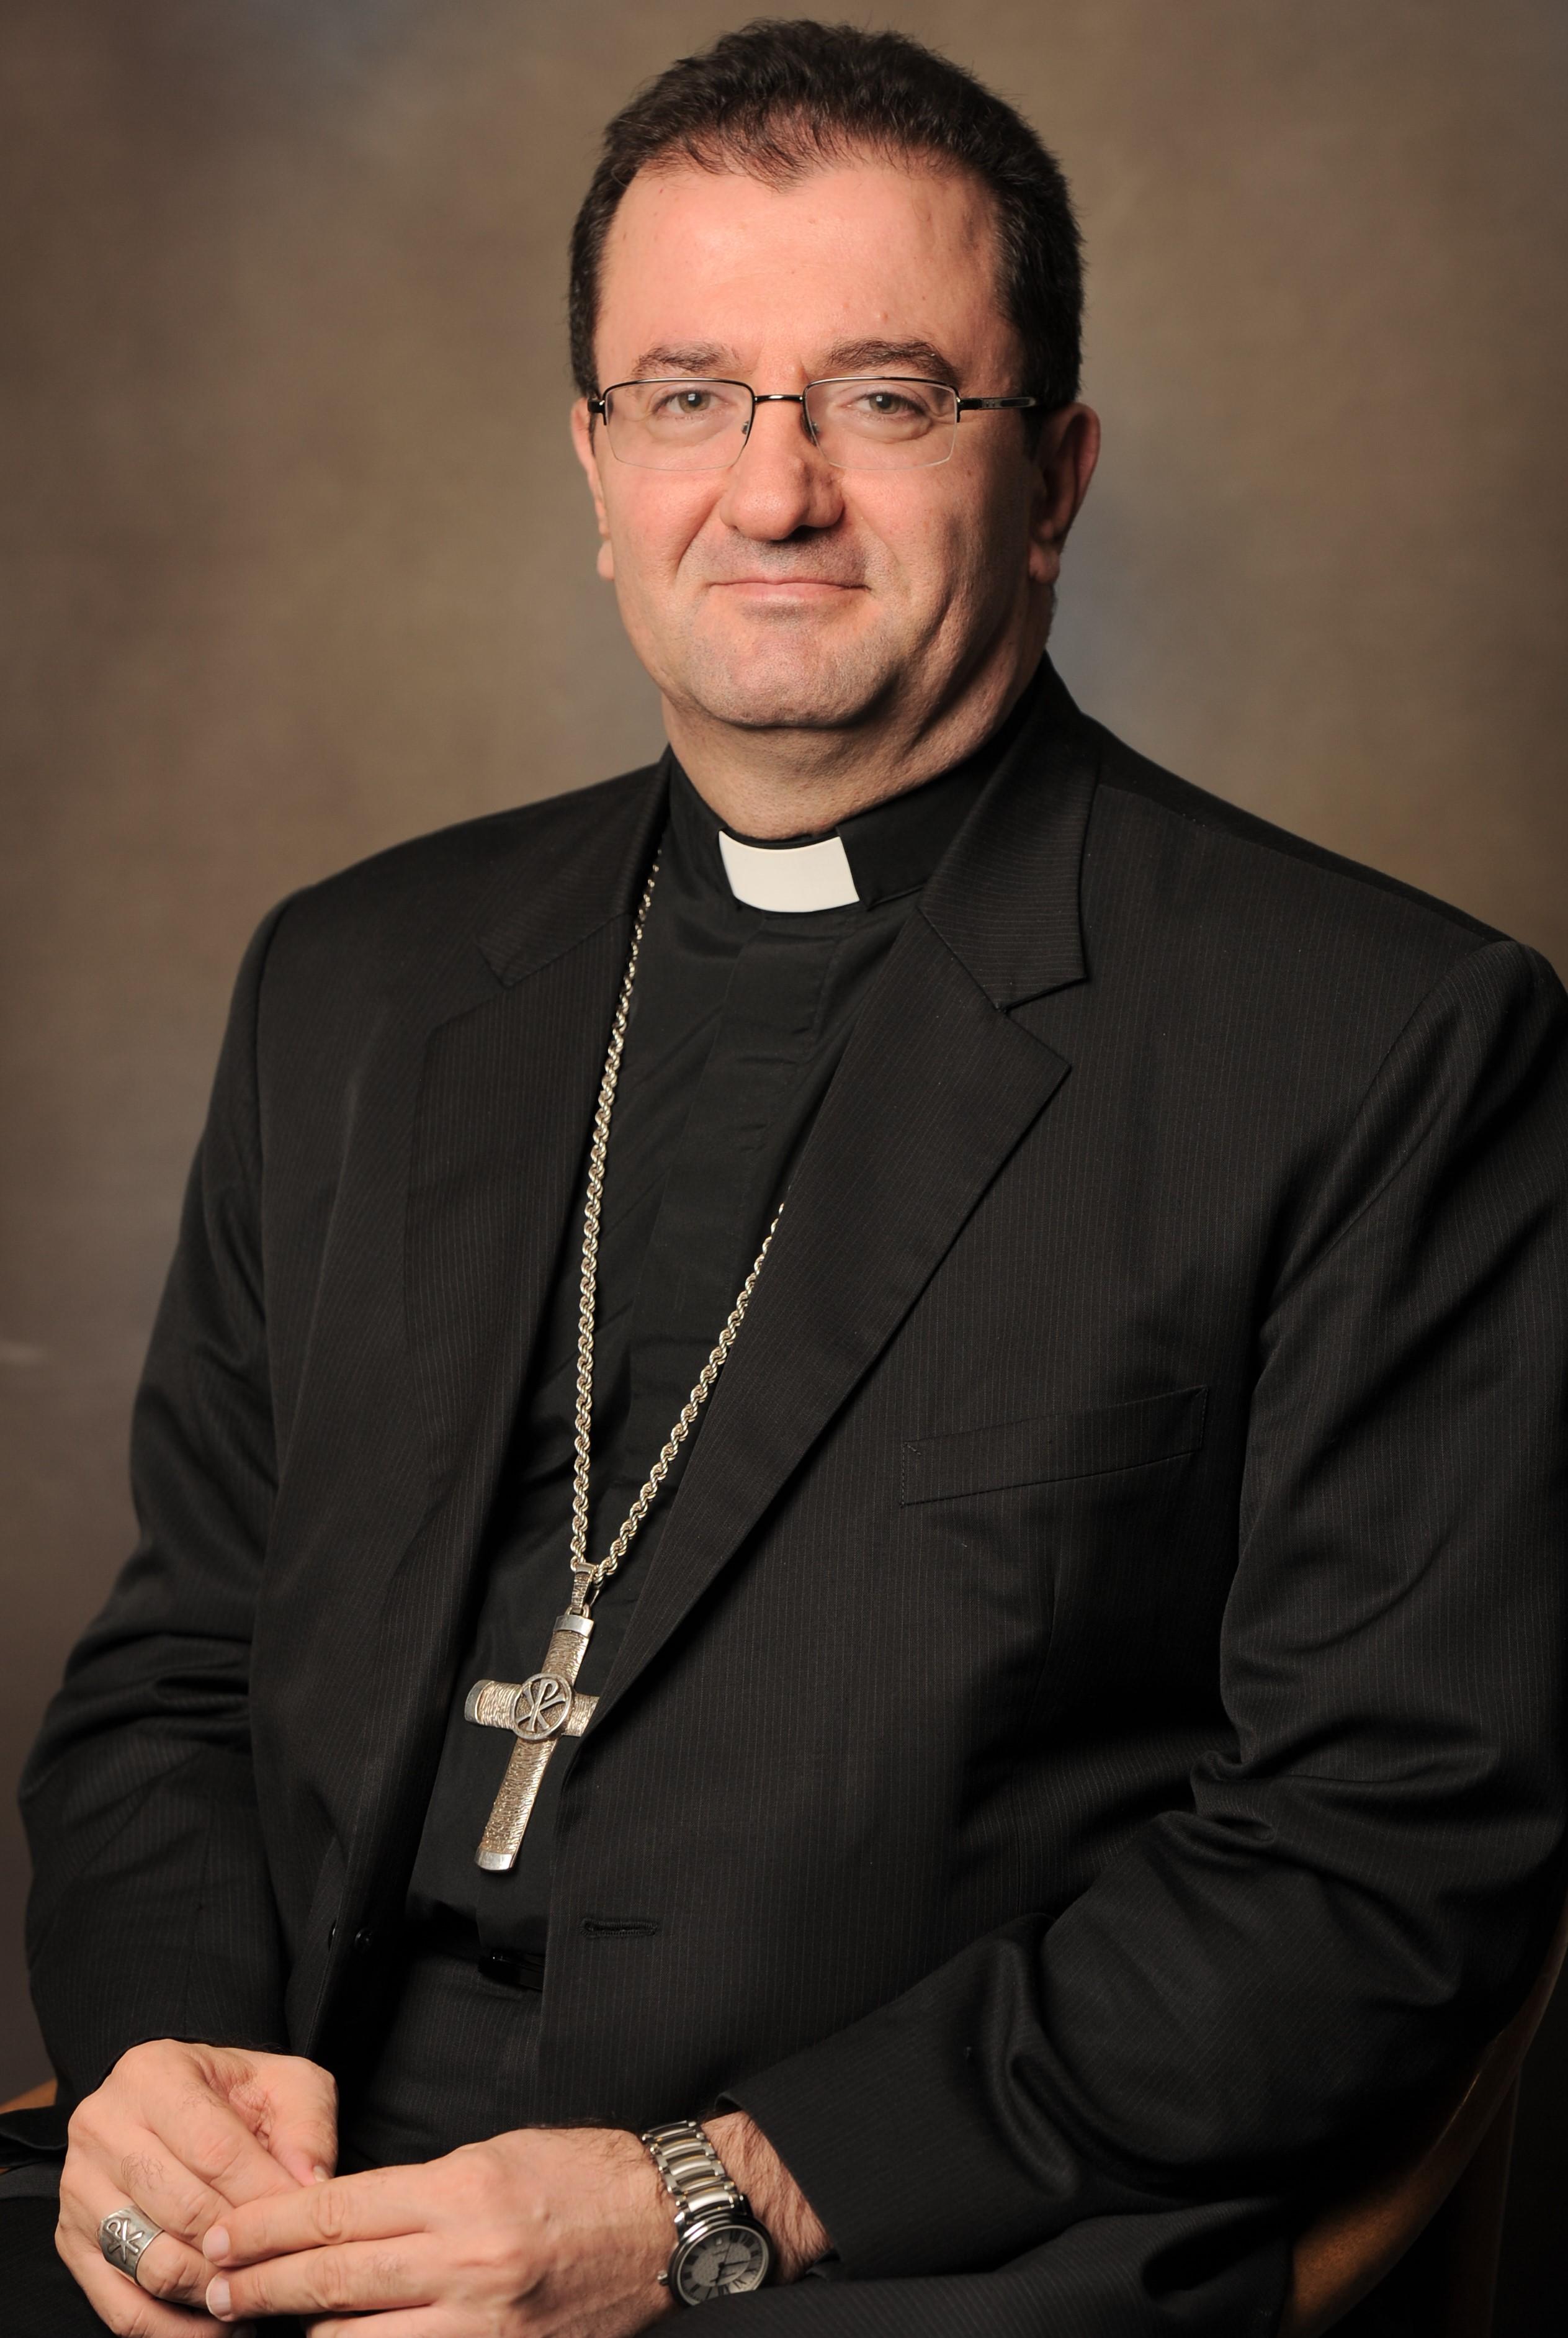 portrait-bishop-antoine-charbel-tarabay-2